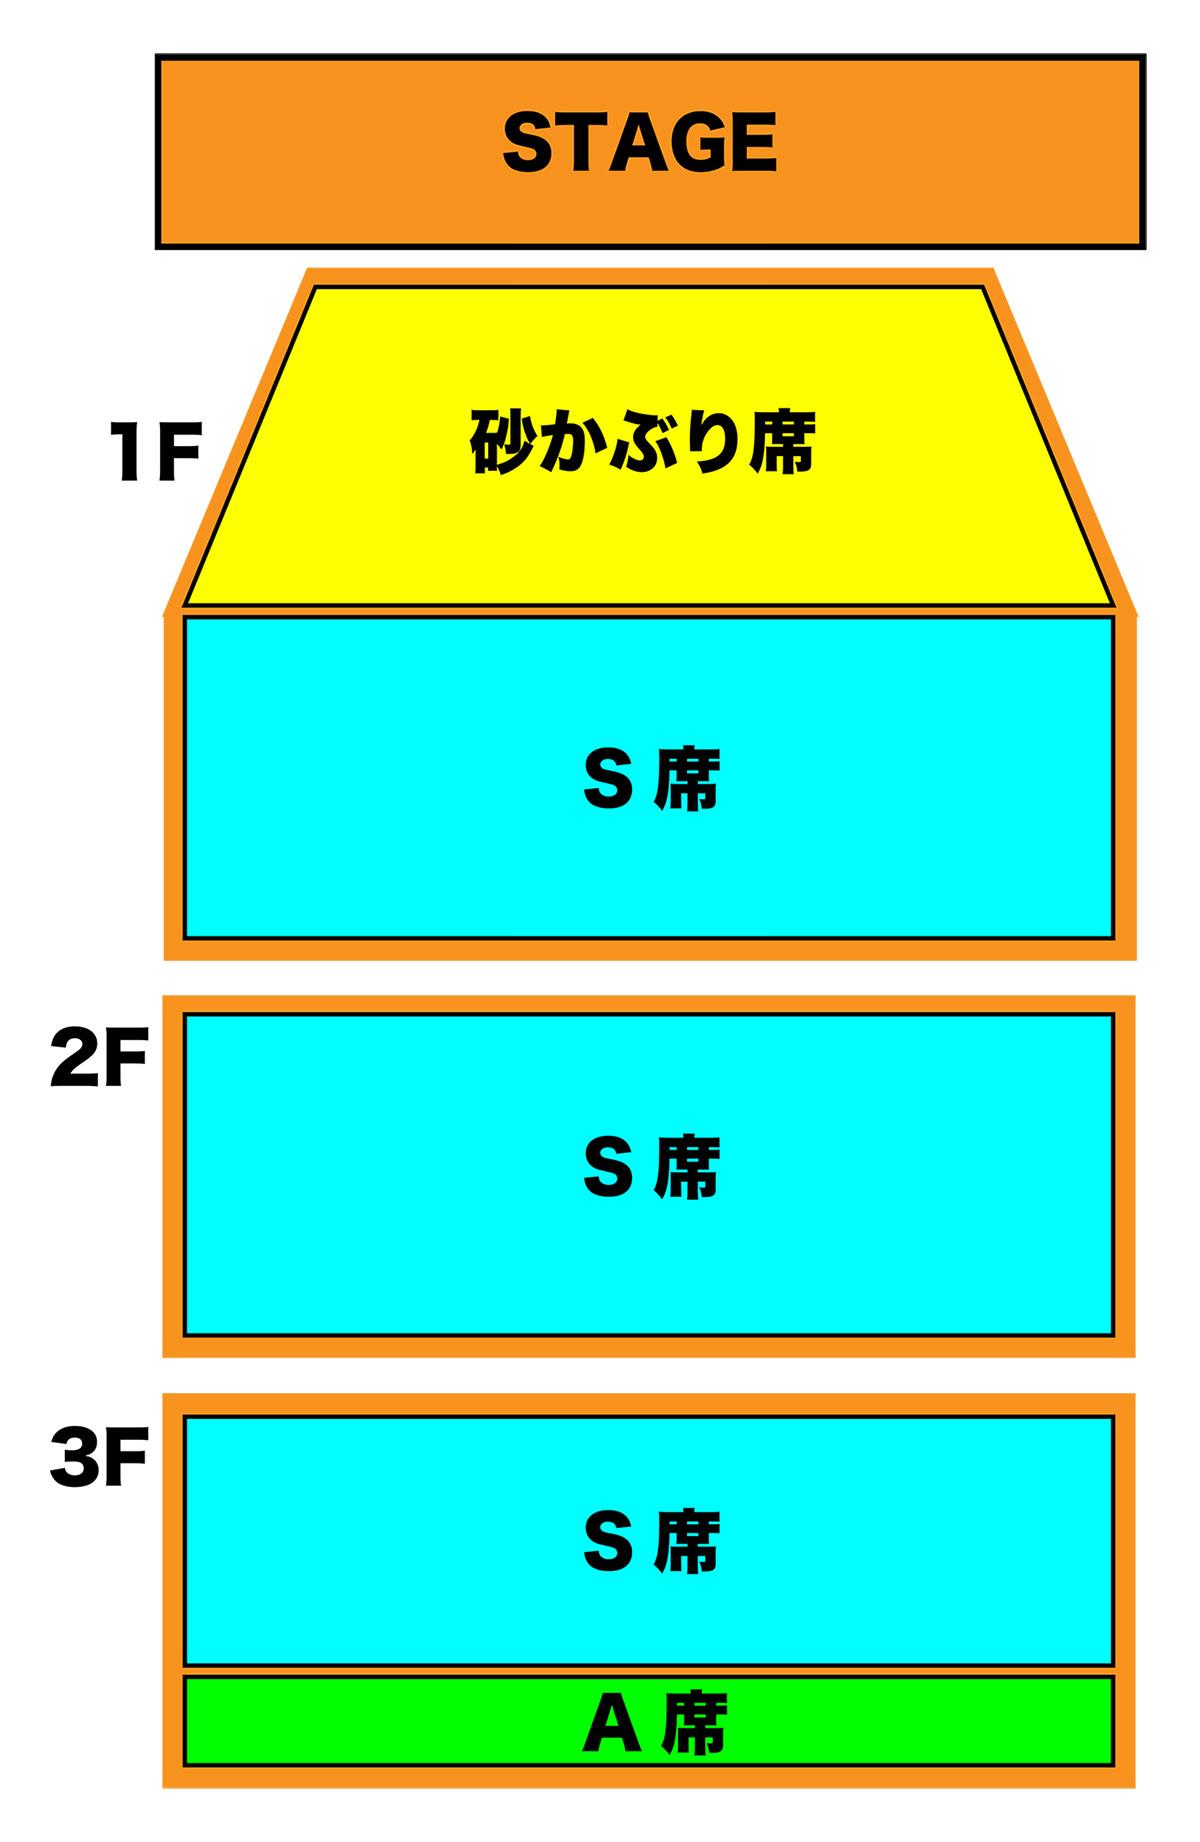 座席 表 大阪 フェスティバル ホール フェスティバルホールの座席 見え方はどんな?2階席3階席を徹底解説